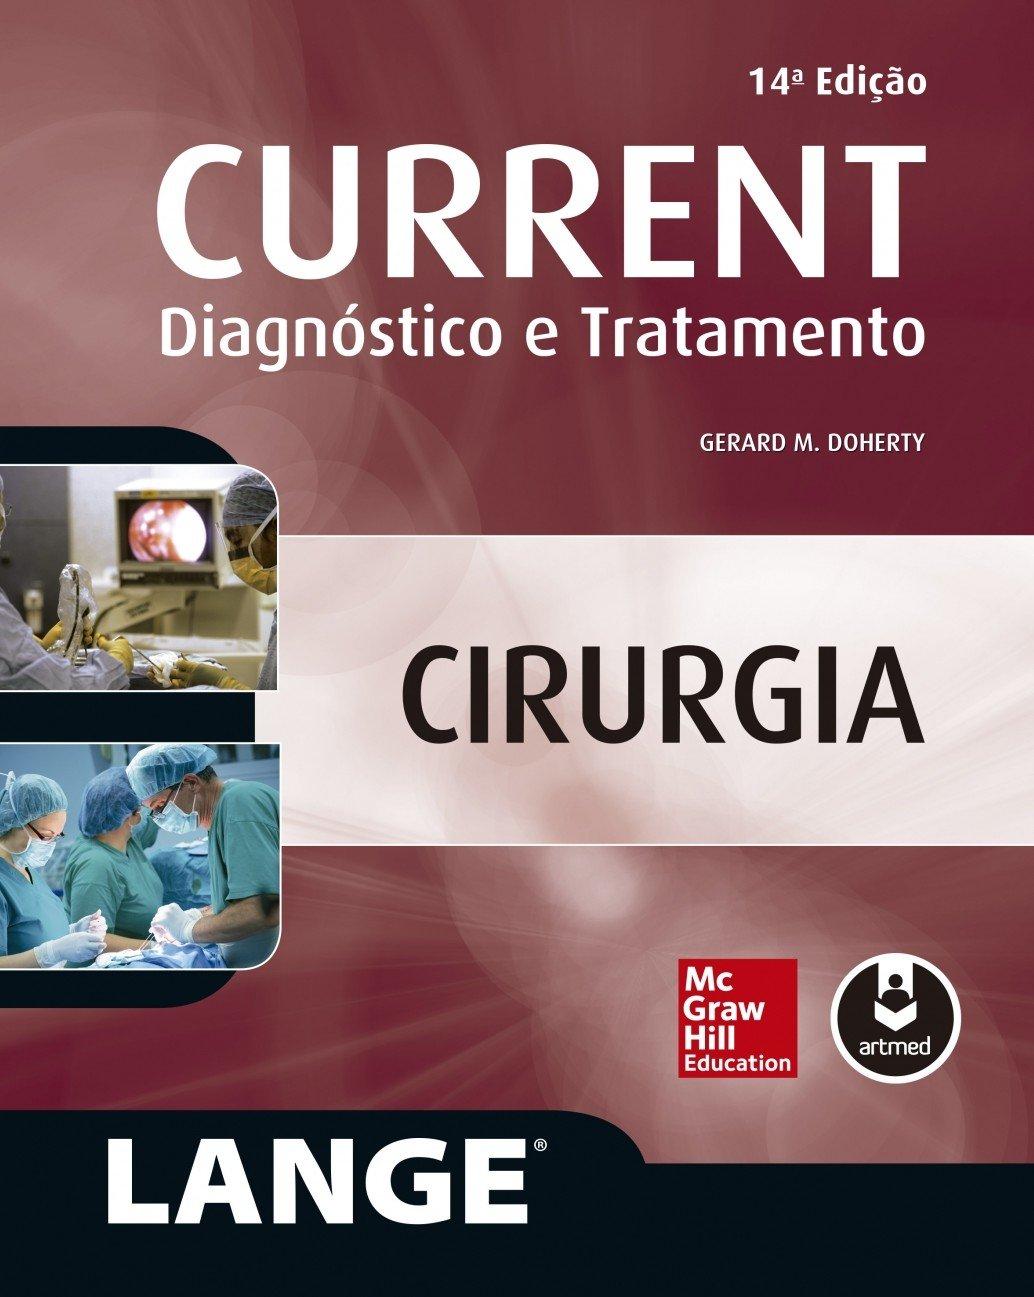 Download Current Cirurgia. Diagnostico e Tratamento (Em Portuguese do Brasil) PDF